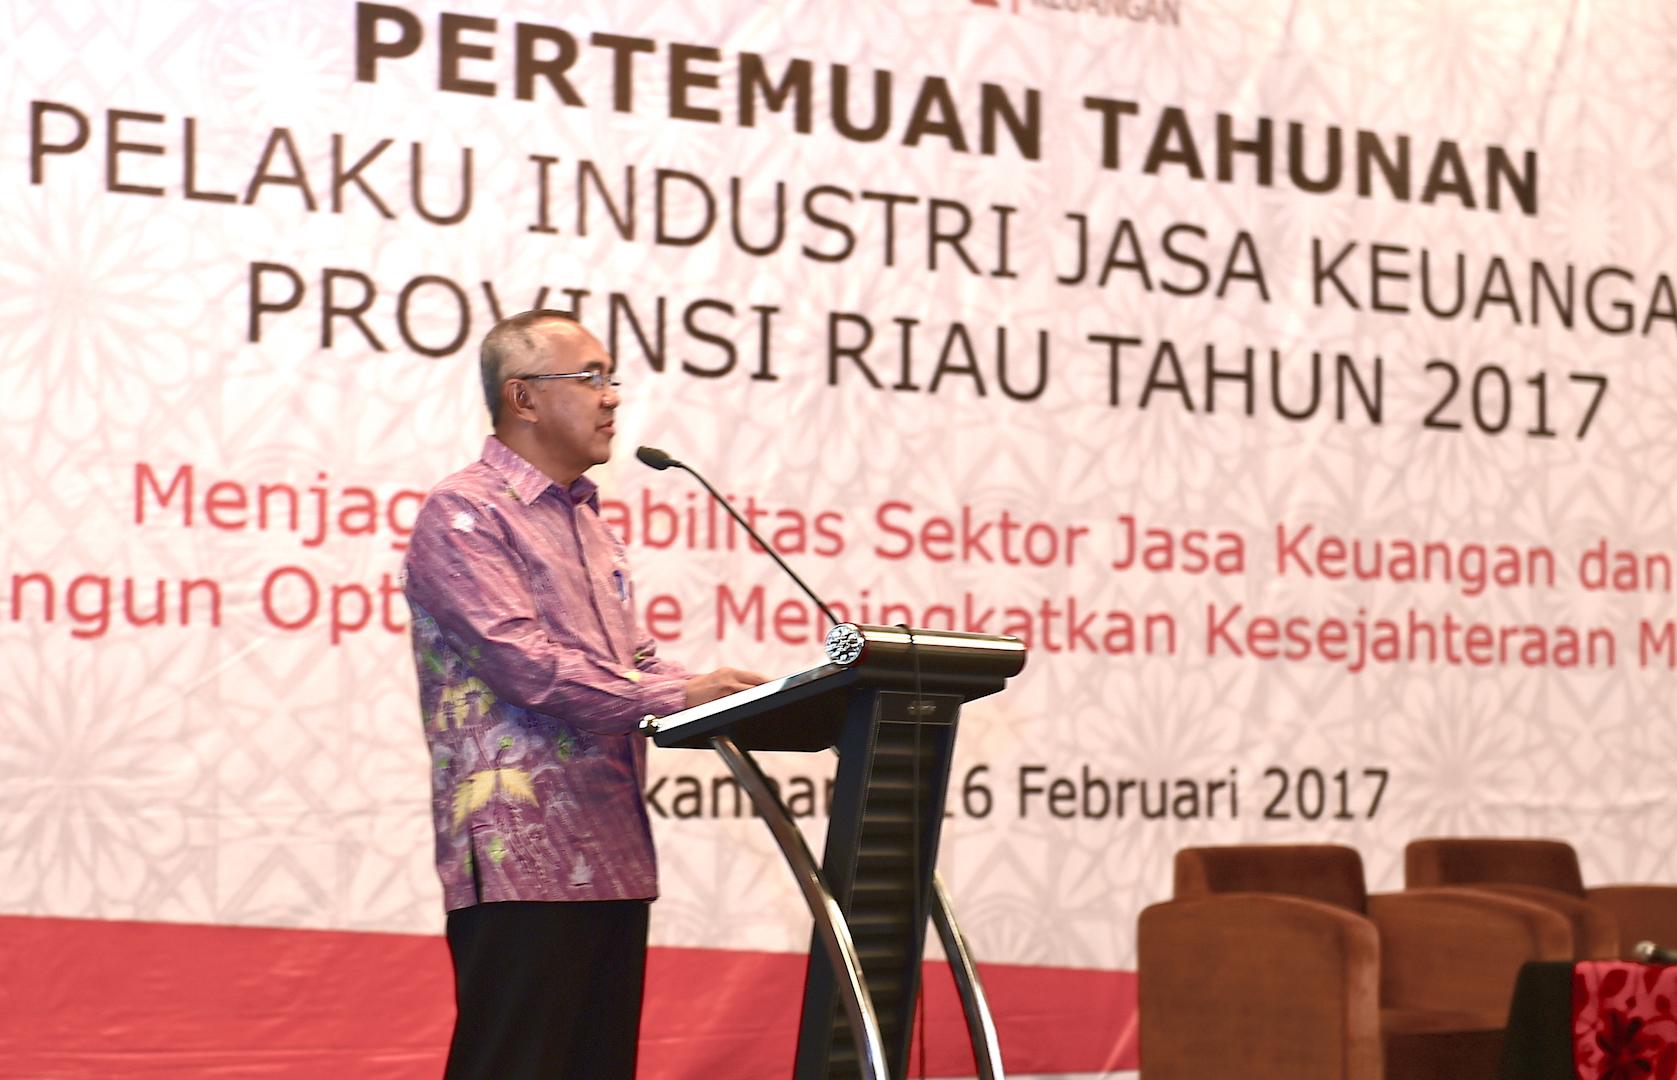 Permalink ke Pertemuan Tahunan Pelaku Industri Jasa Keuangan Prov Riau Tahun 2017